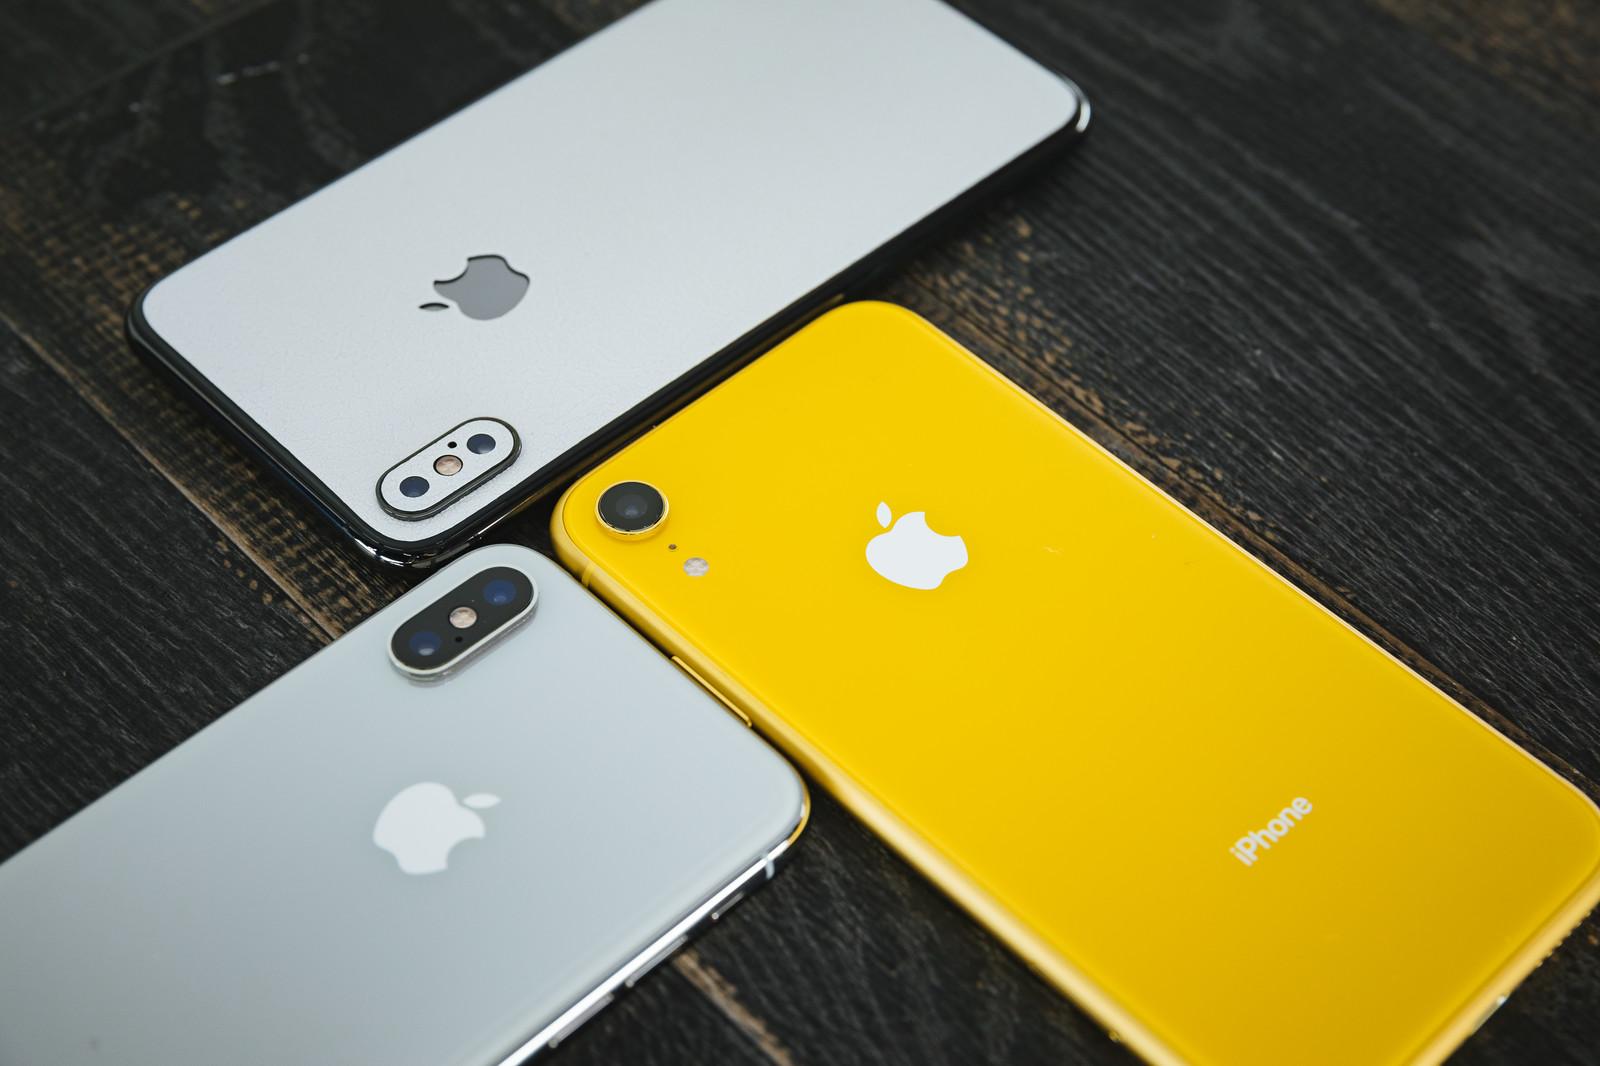 Androidスマホに高性能機種が多い理由 iPhone神話のウソを暴く